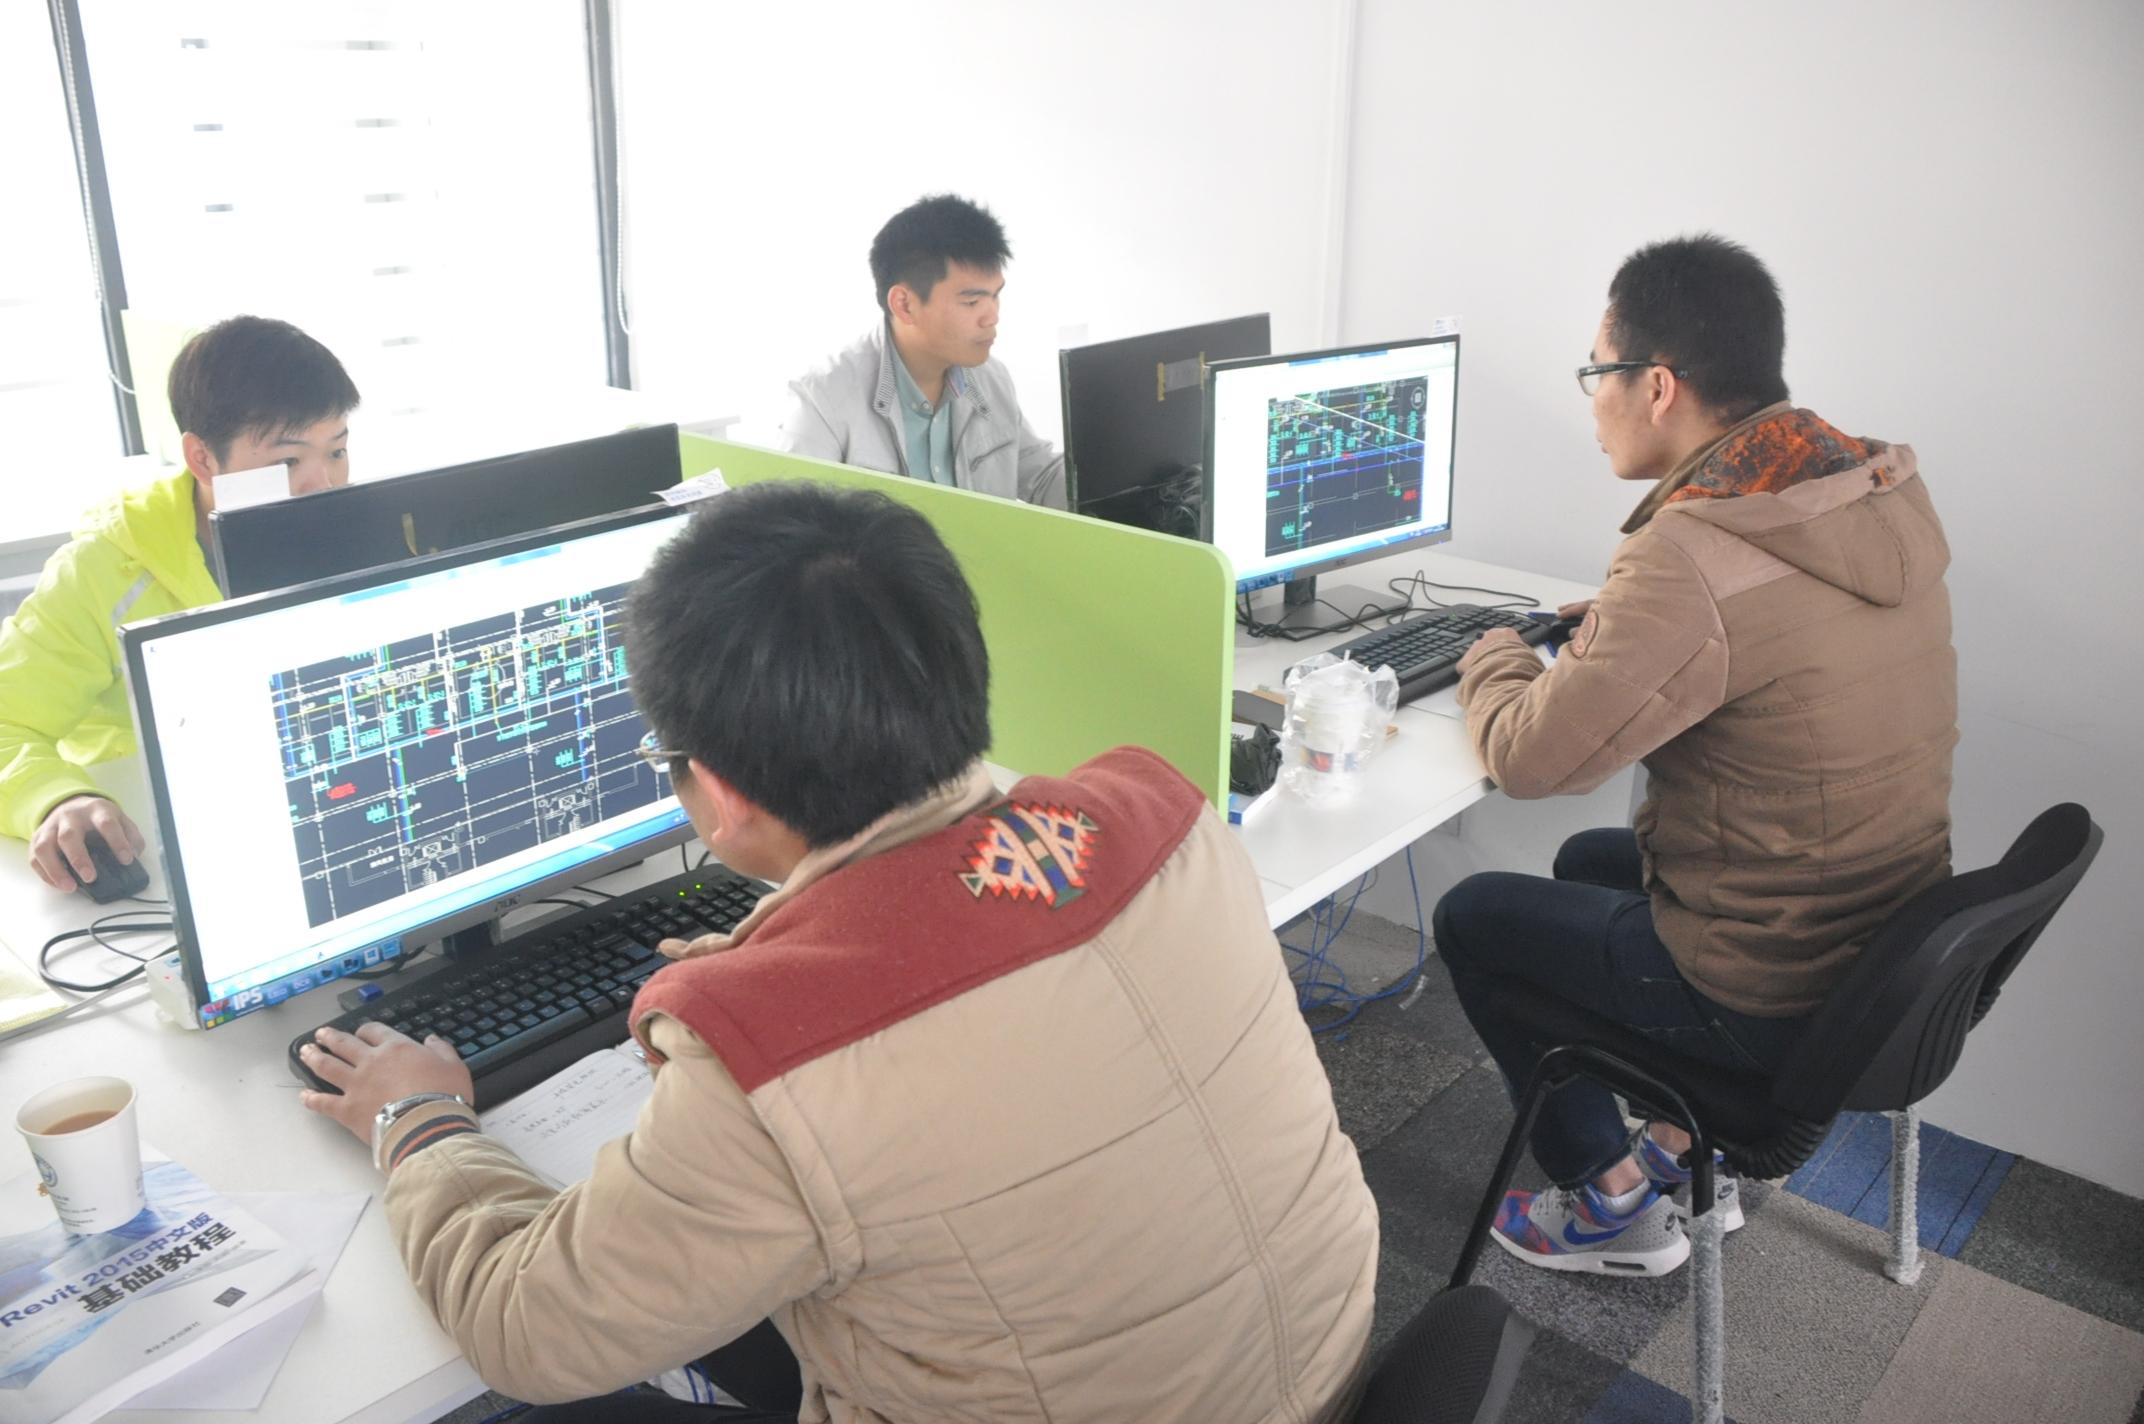 中铁港航局企业定制培训 (2)